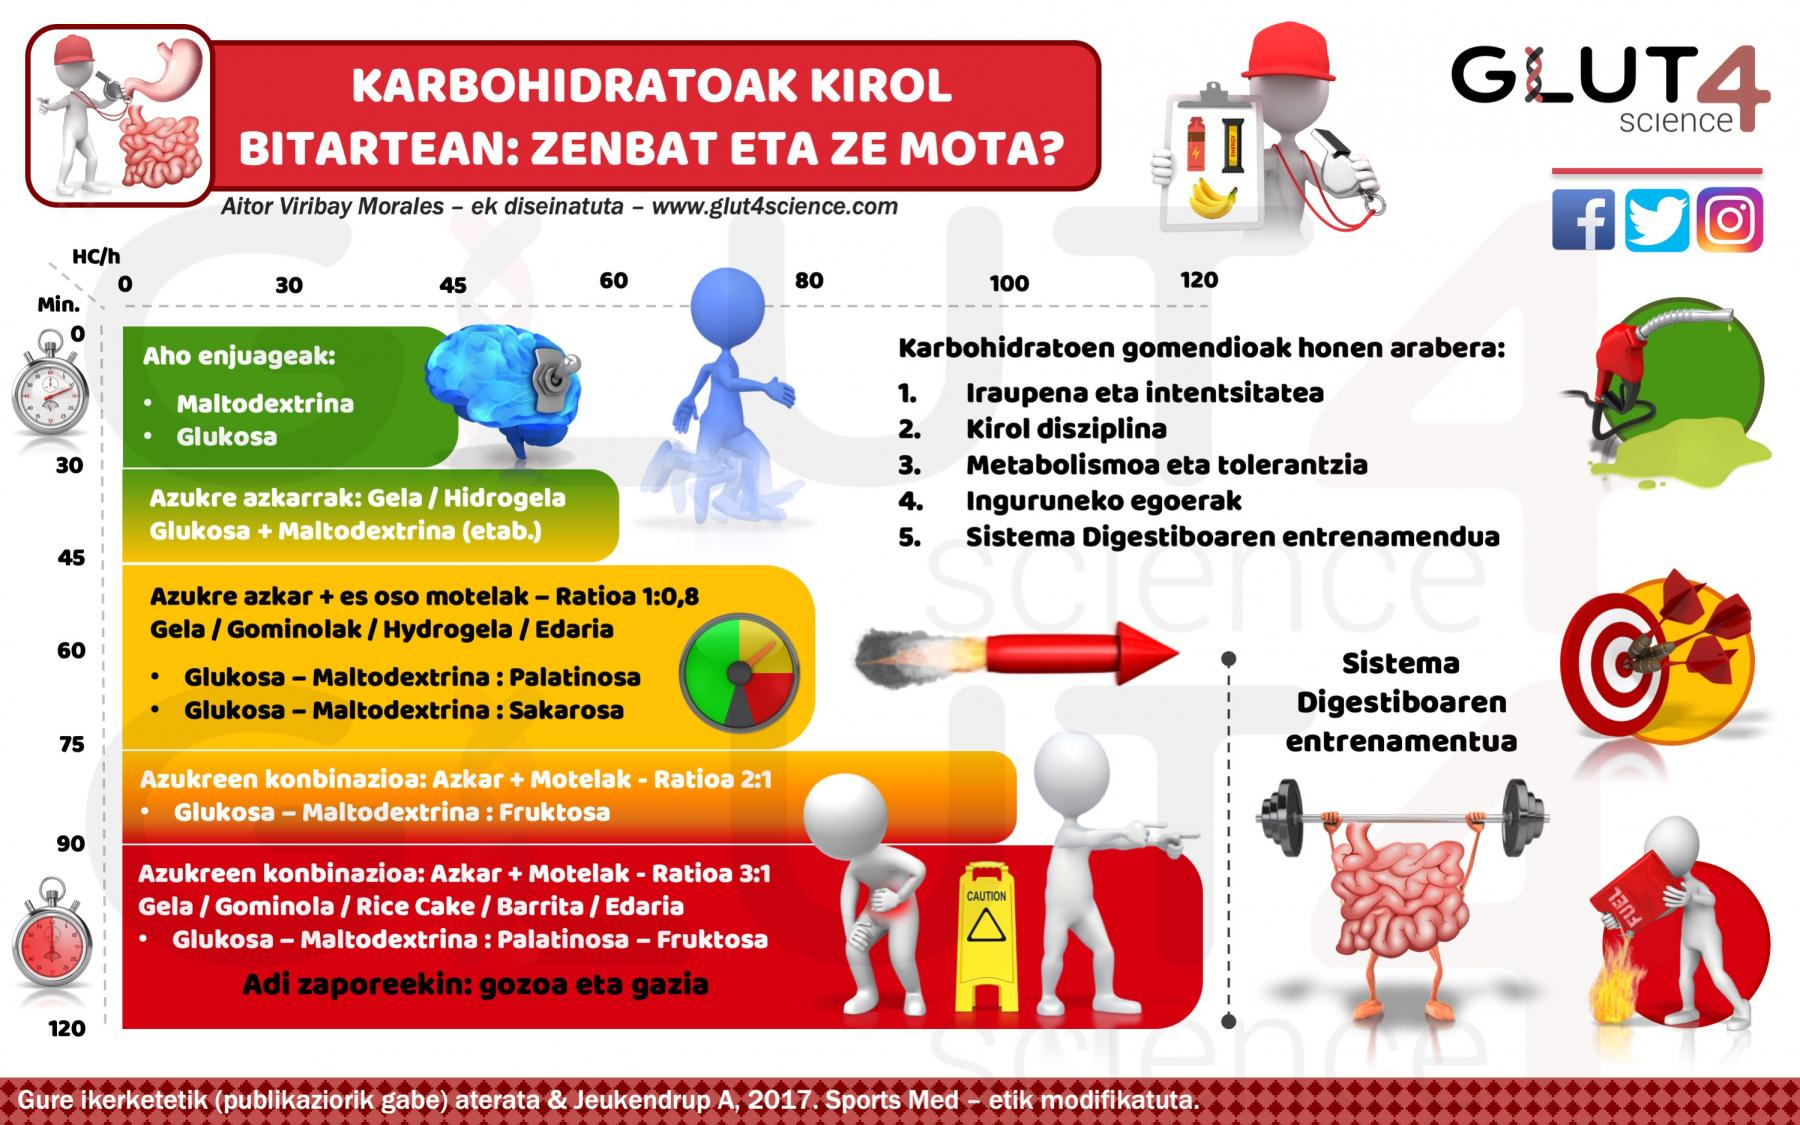 Karbohidratoen gomendioa ariketa fisikoan